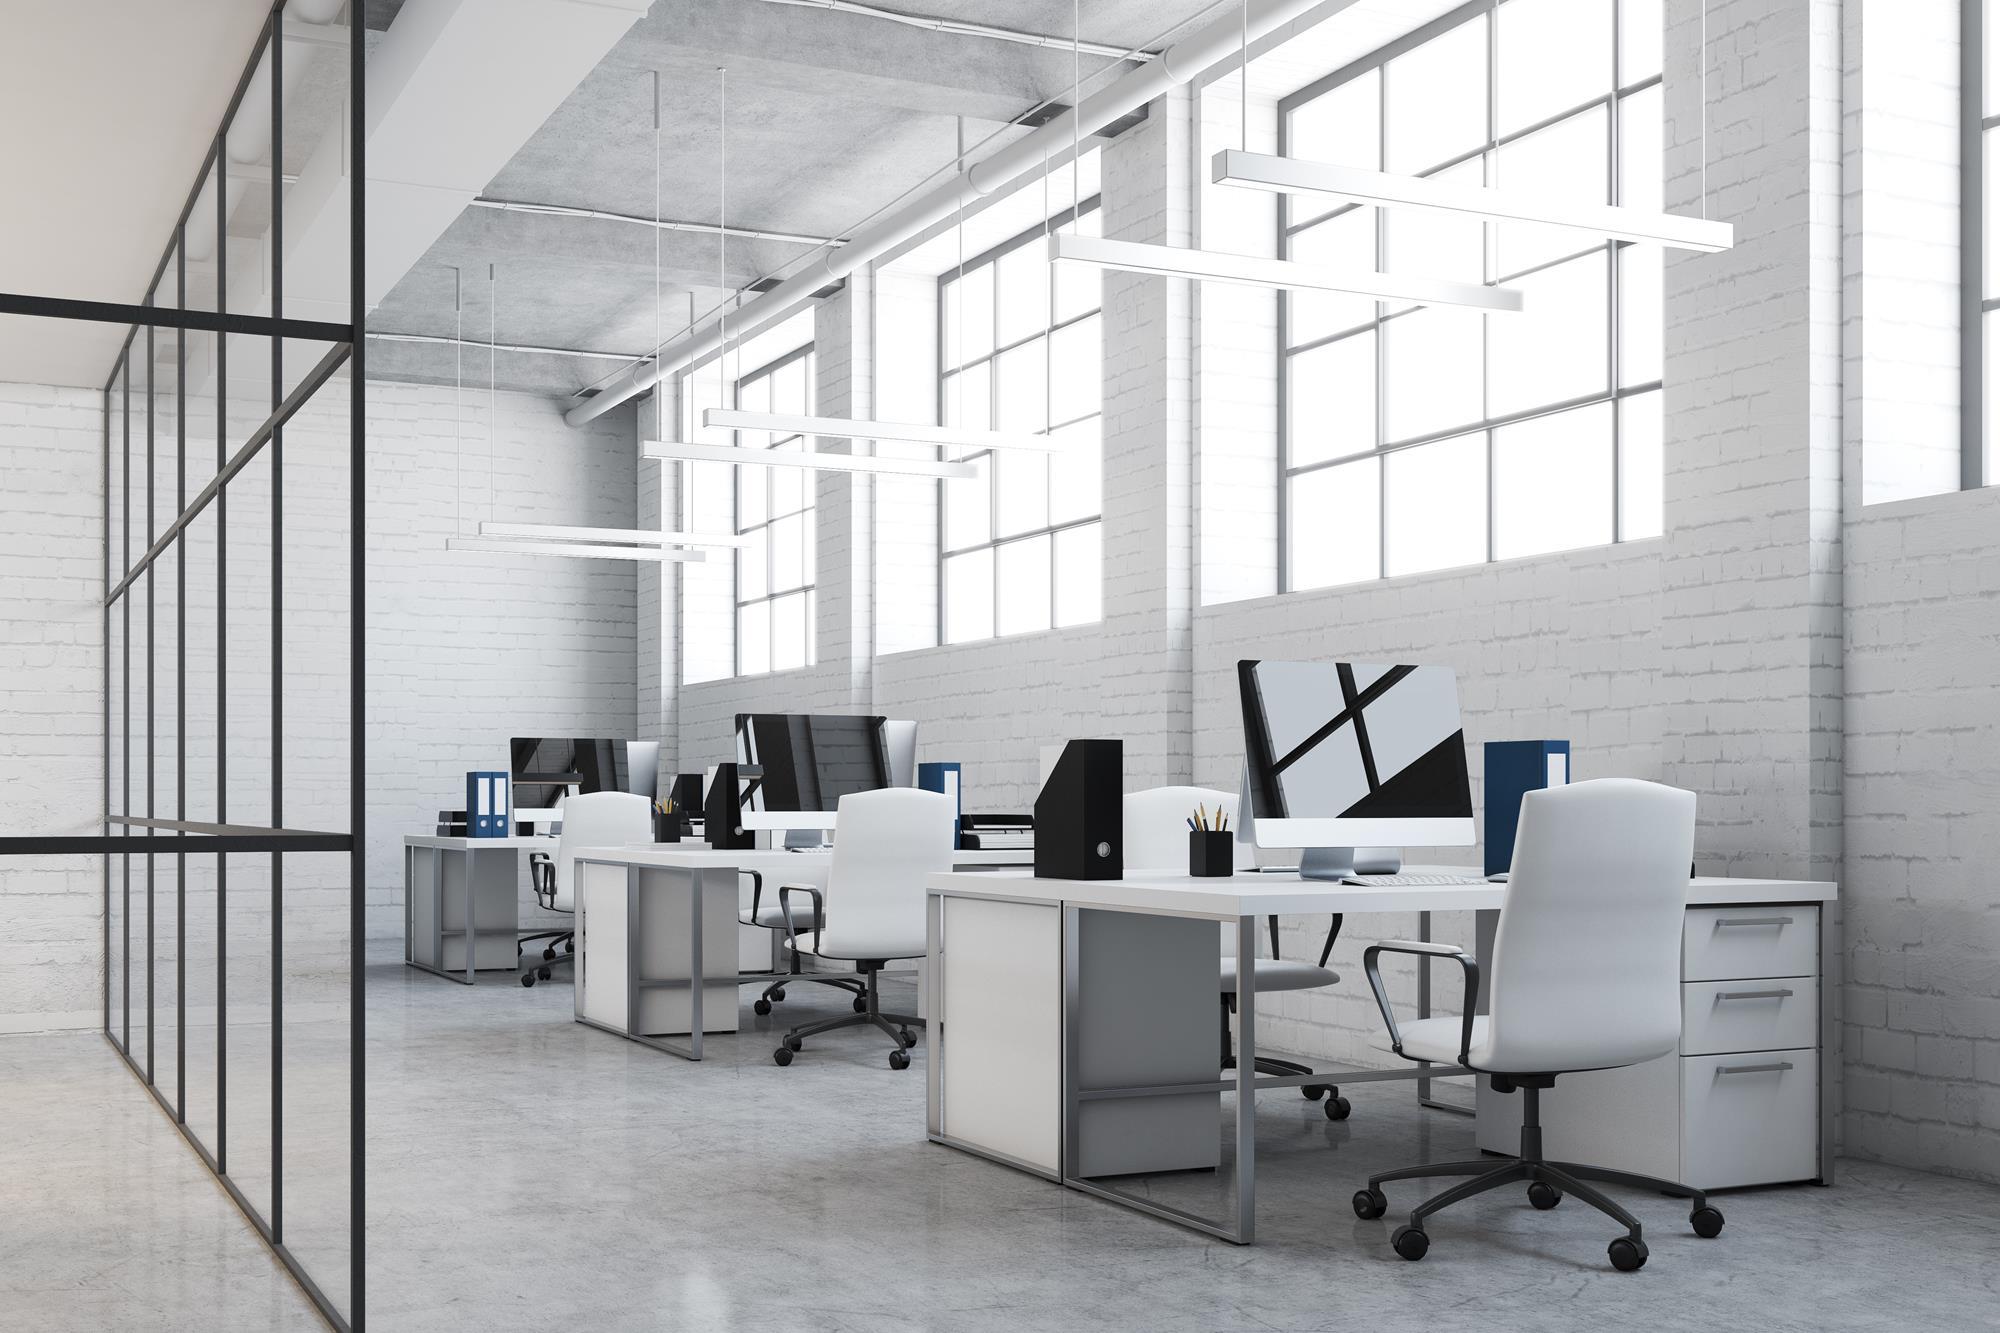 Białe przestronne nowoczesne biuro z białymi metalowymi meblami